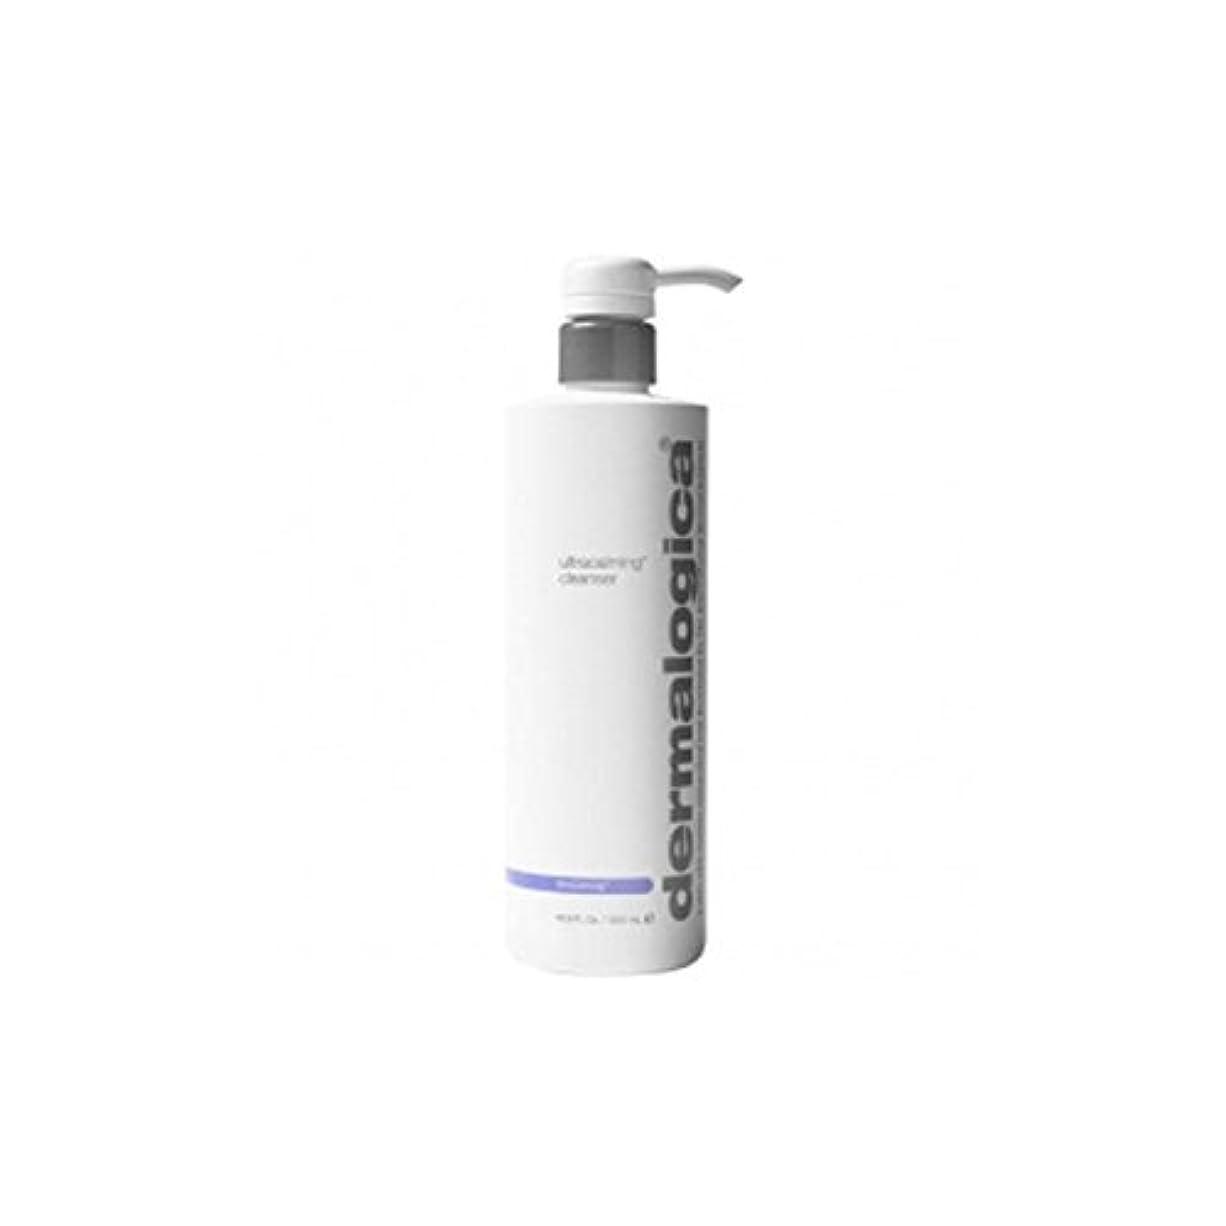 解放契約密Dermalogica Ultracalming Cleanser (500ml) - ダーマロジカクレンザー(500ミリリットル) [並行輸入品]